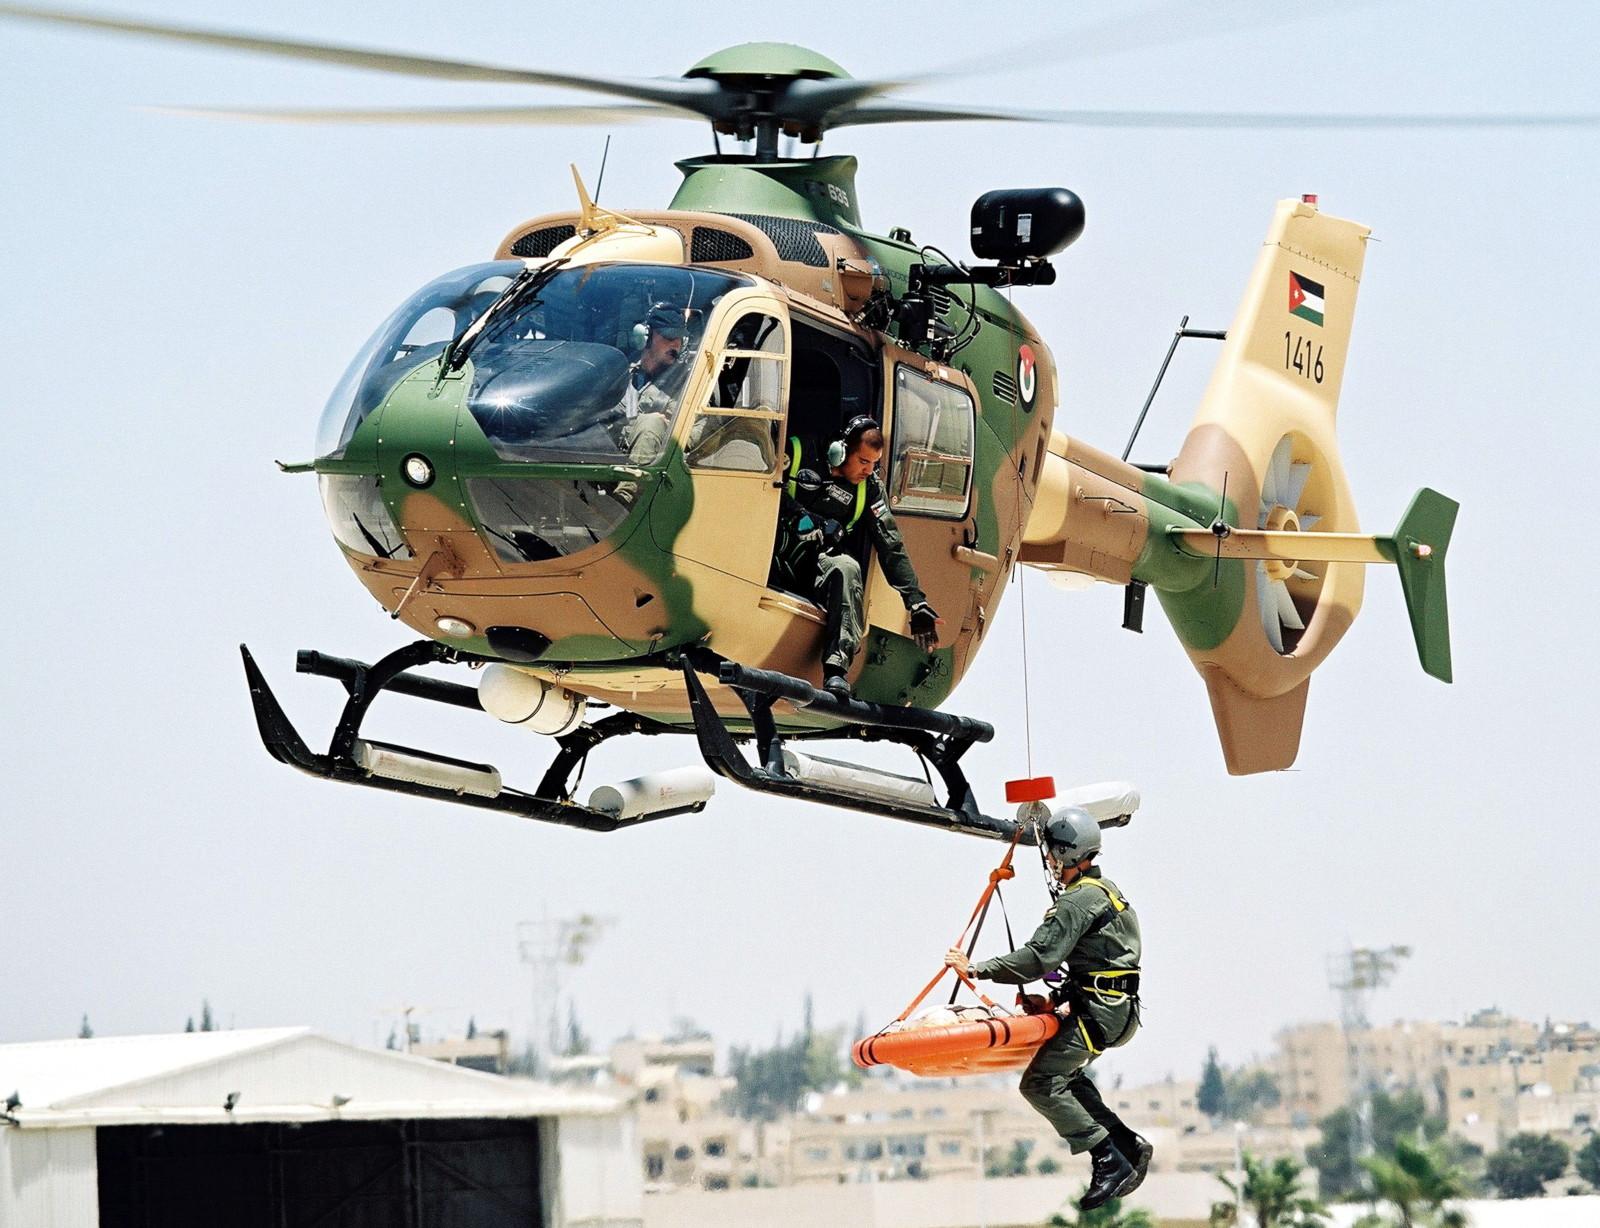 H135M / EC635 der Jordanischen Streitkräfte © Airbus